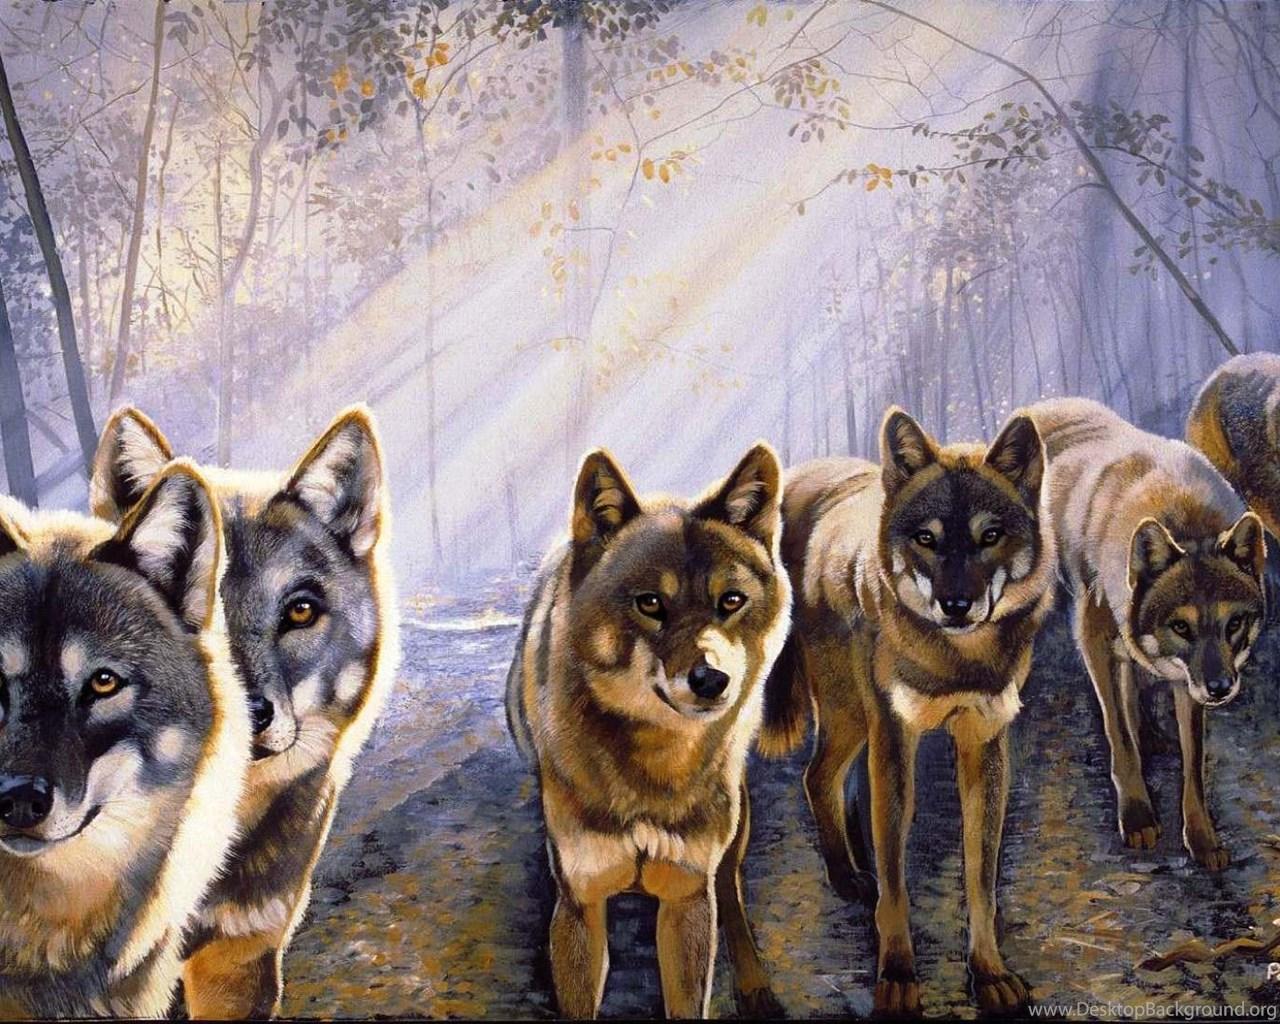 Wolf Pack wallpaper x